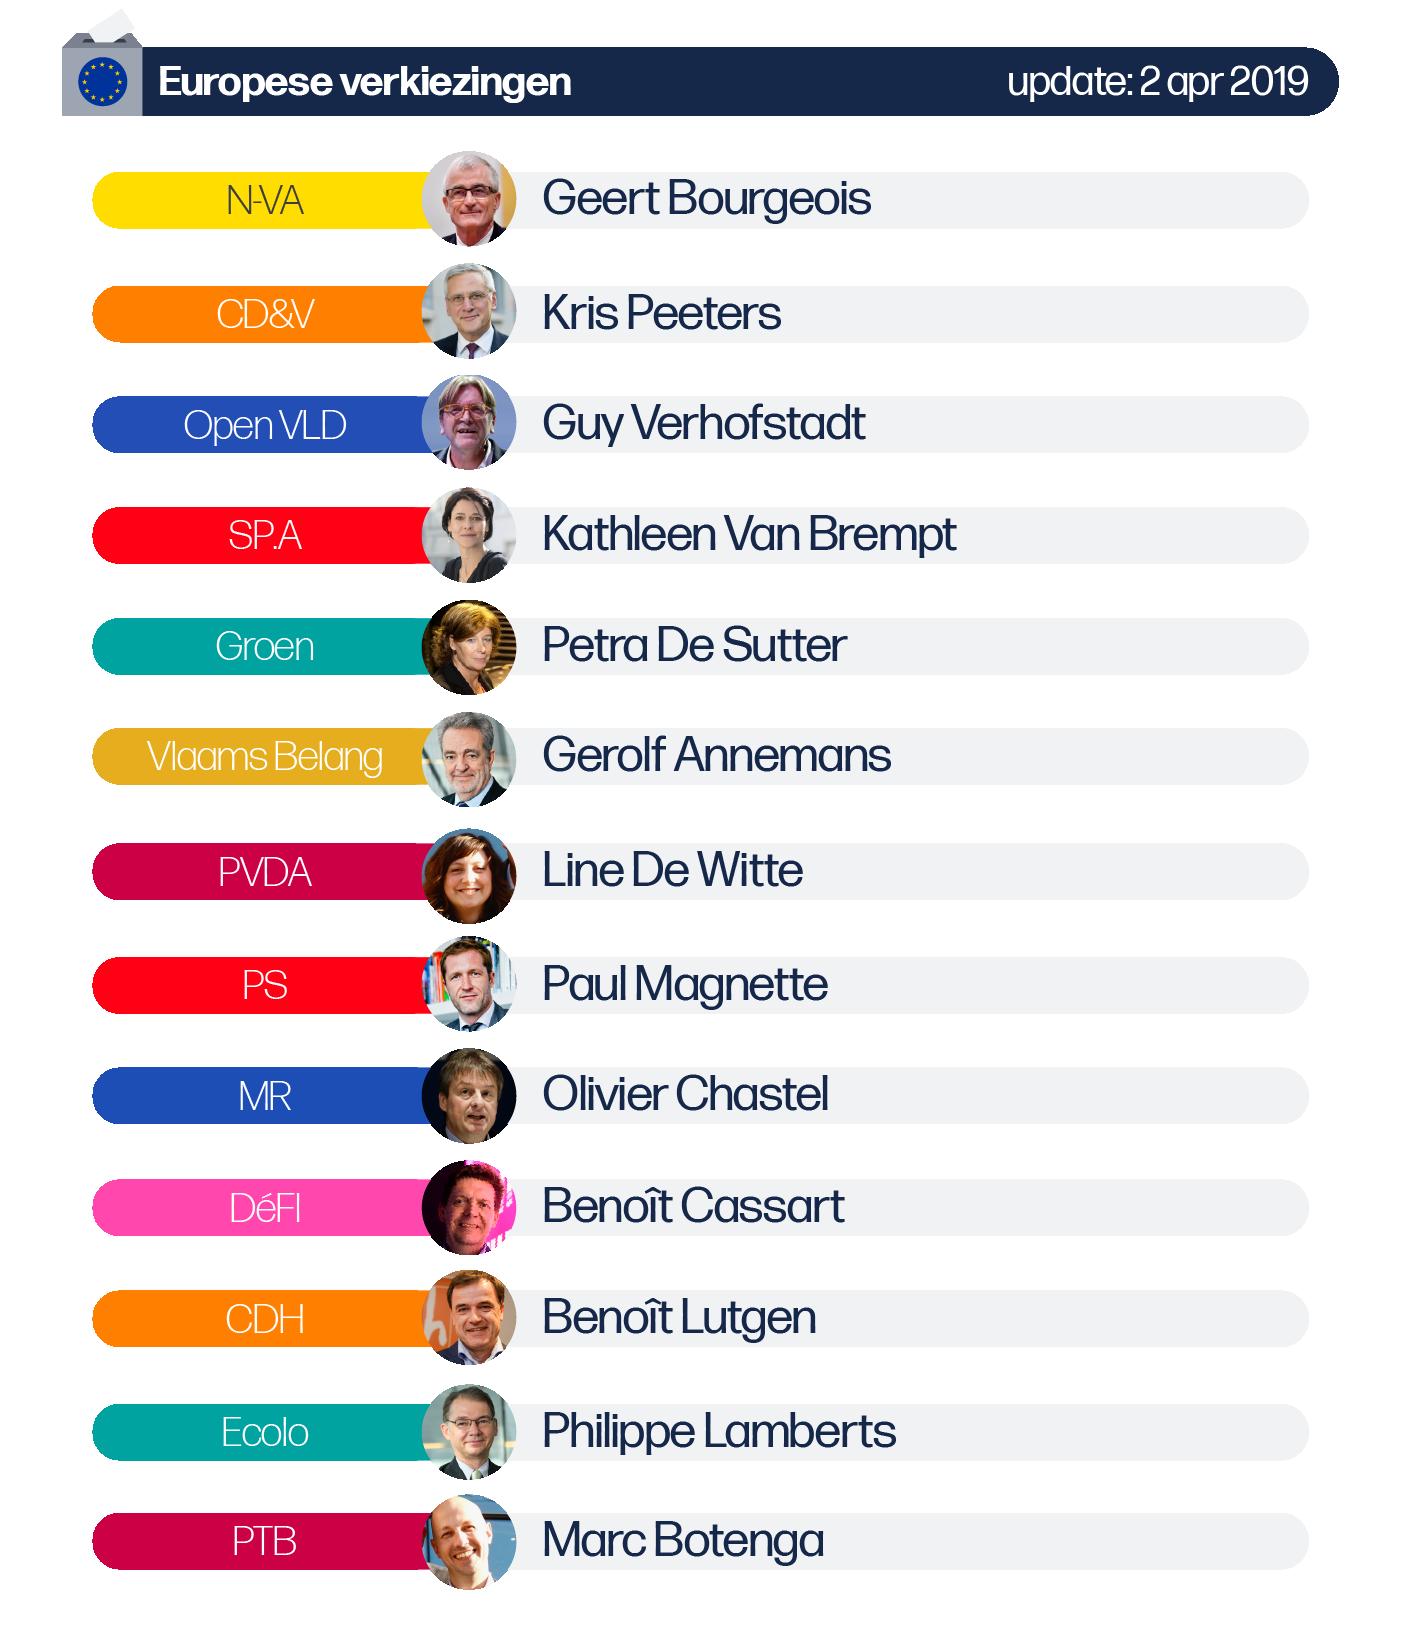 Deze afbeelding omvat volgende lijsttrekkers voor de Europese verkiezingen: N-VA: Geert Bourgeois, CD&V: Kris Peeters, SP.A Kathleen Van Brempt, Groen: Petra De Sutter, Vlaams Belang: Gerolf Annemans